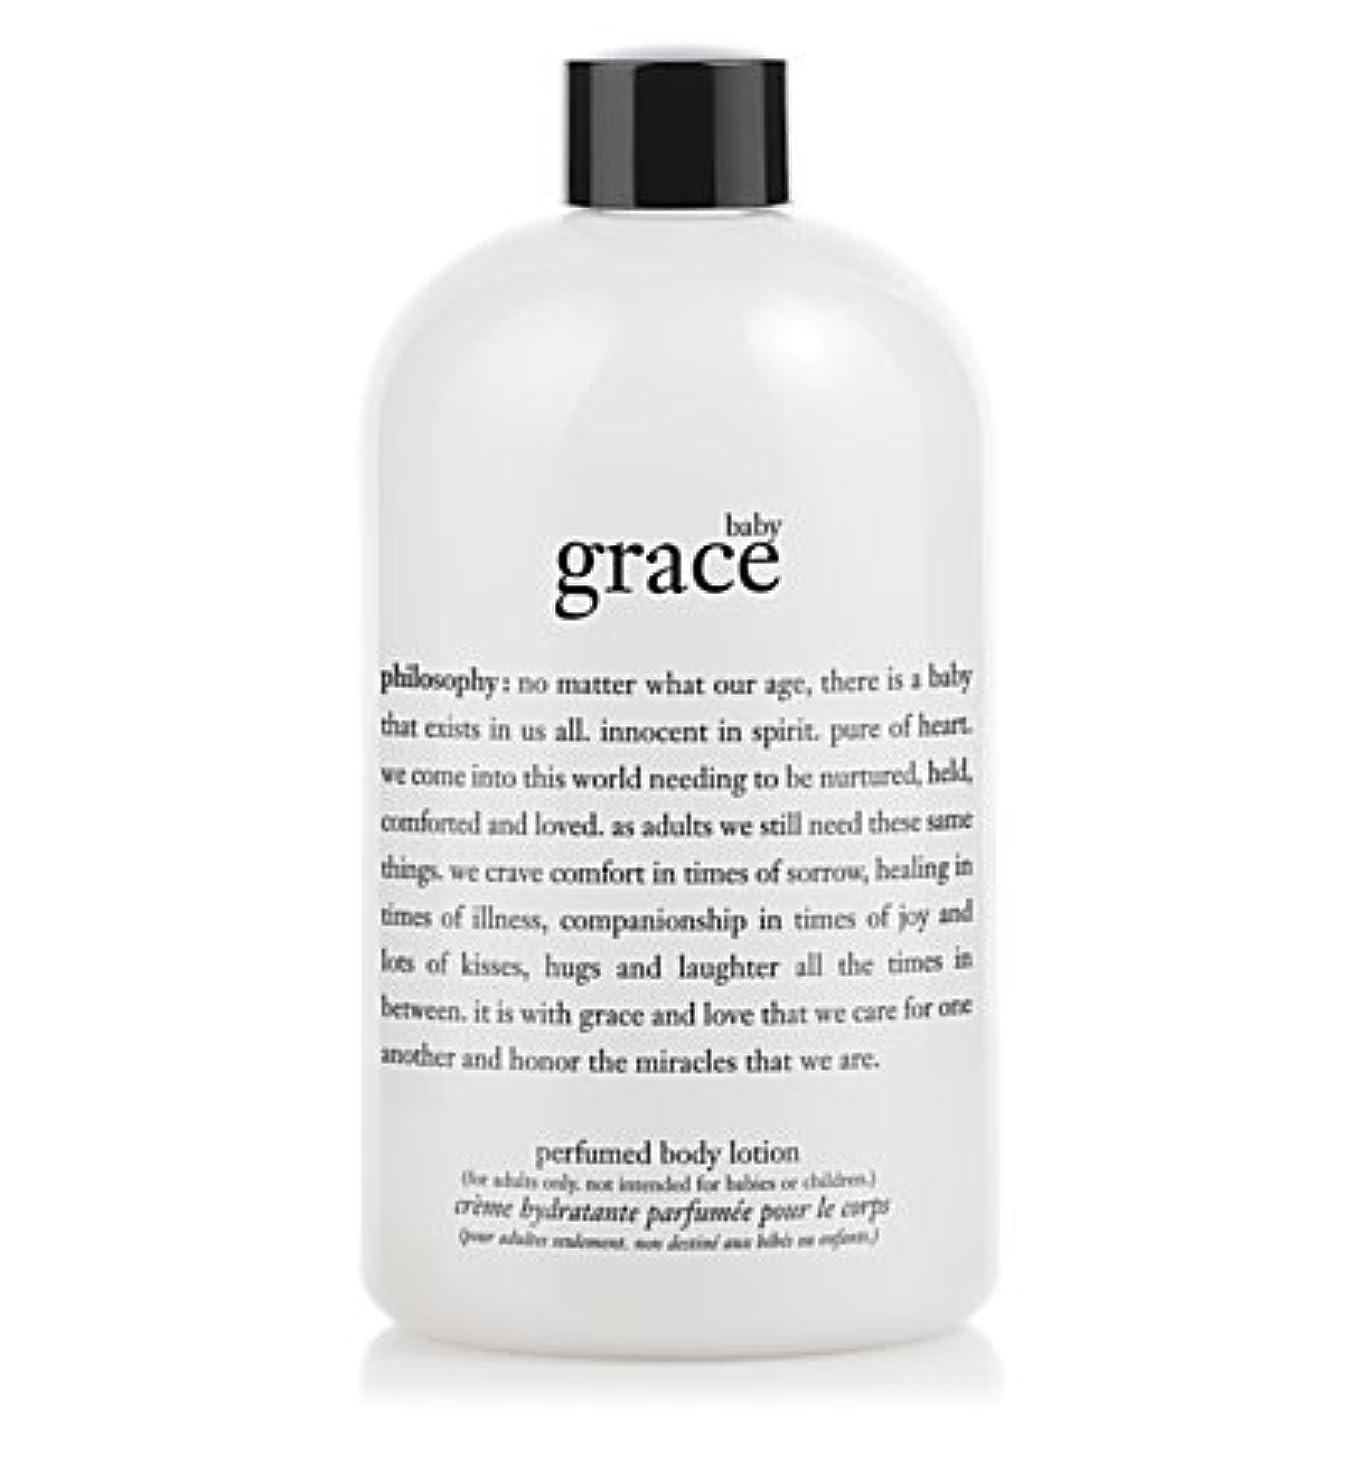 ブロッサム再撮り発掘baby grace (ベビーグレイス ) 16.0 oz (480 ml) perfumed body lotion for Women